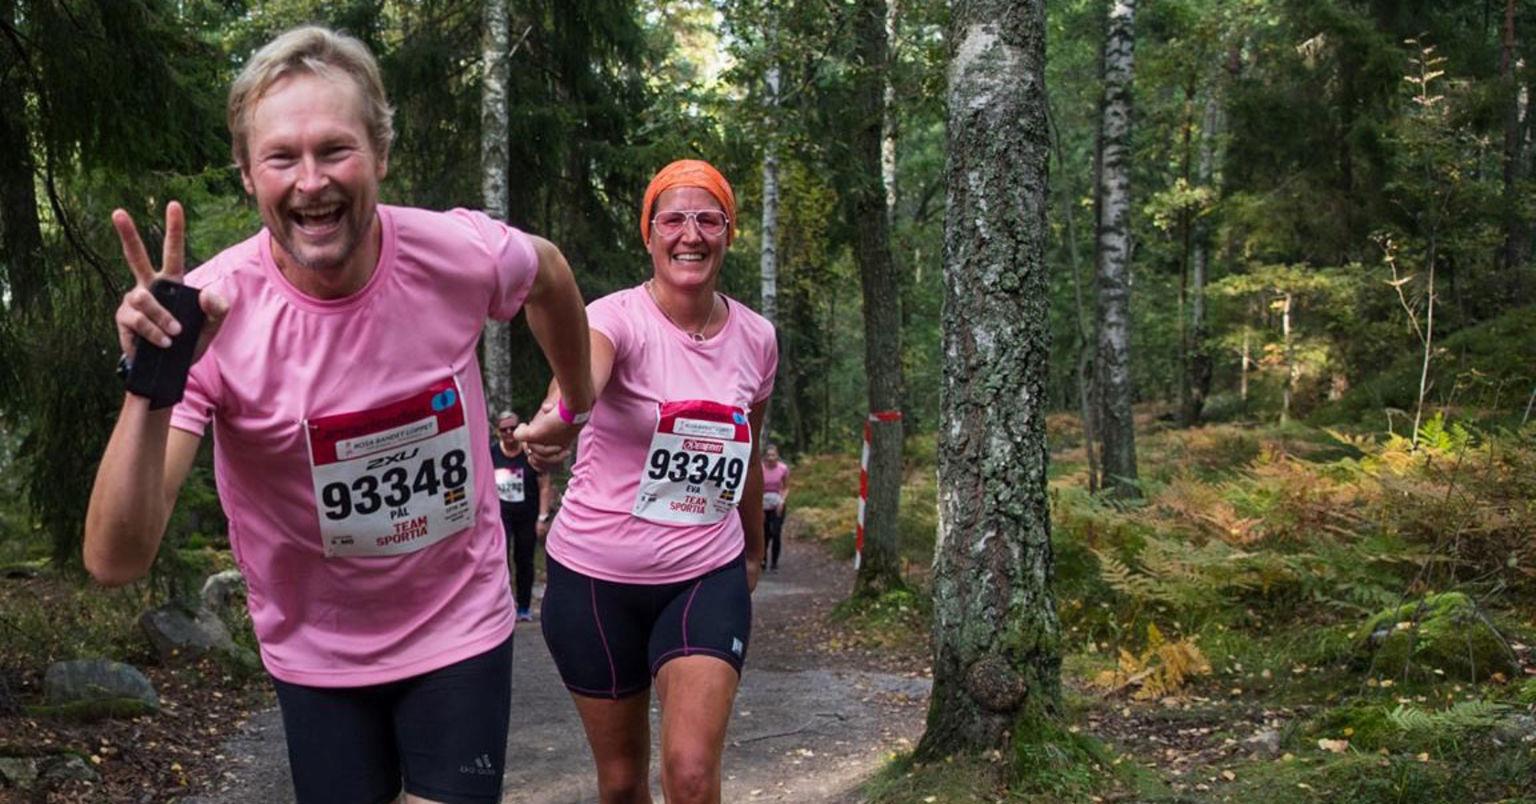 En man och en kvinna i rosa t-shirt, håller varandra i handen samtidigt som de springer upp för en backe.